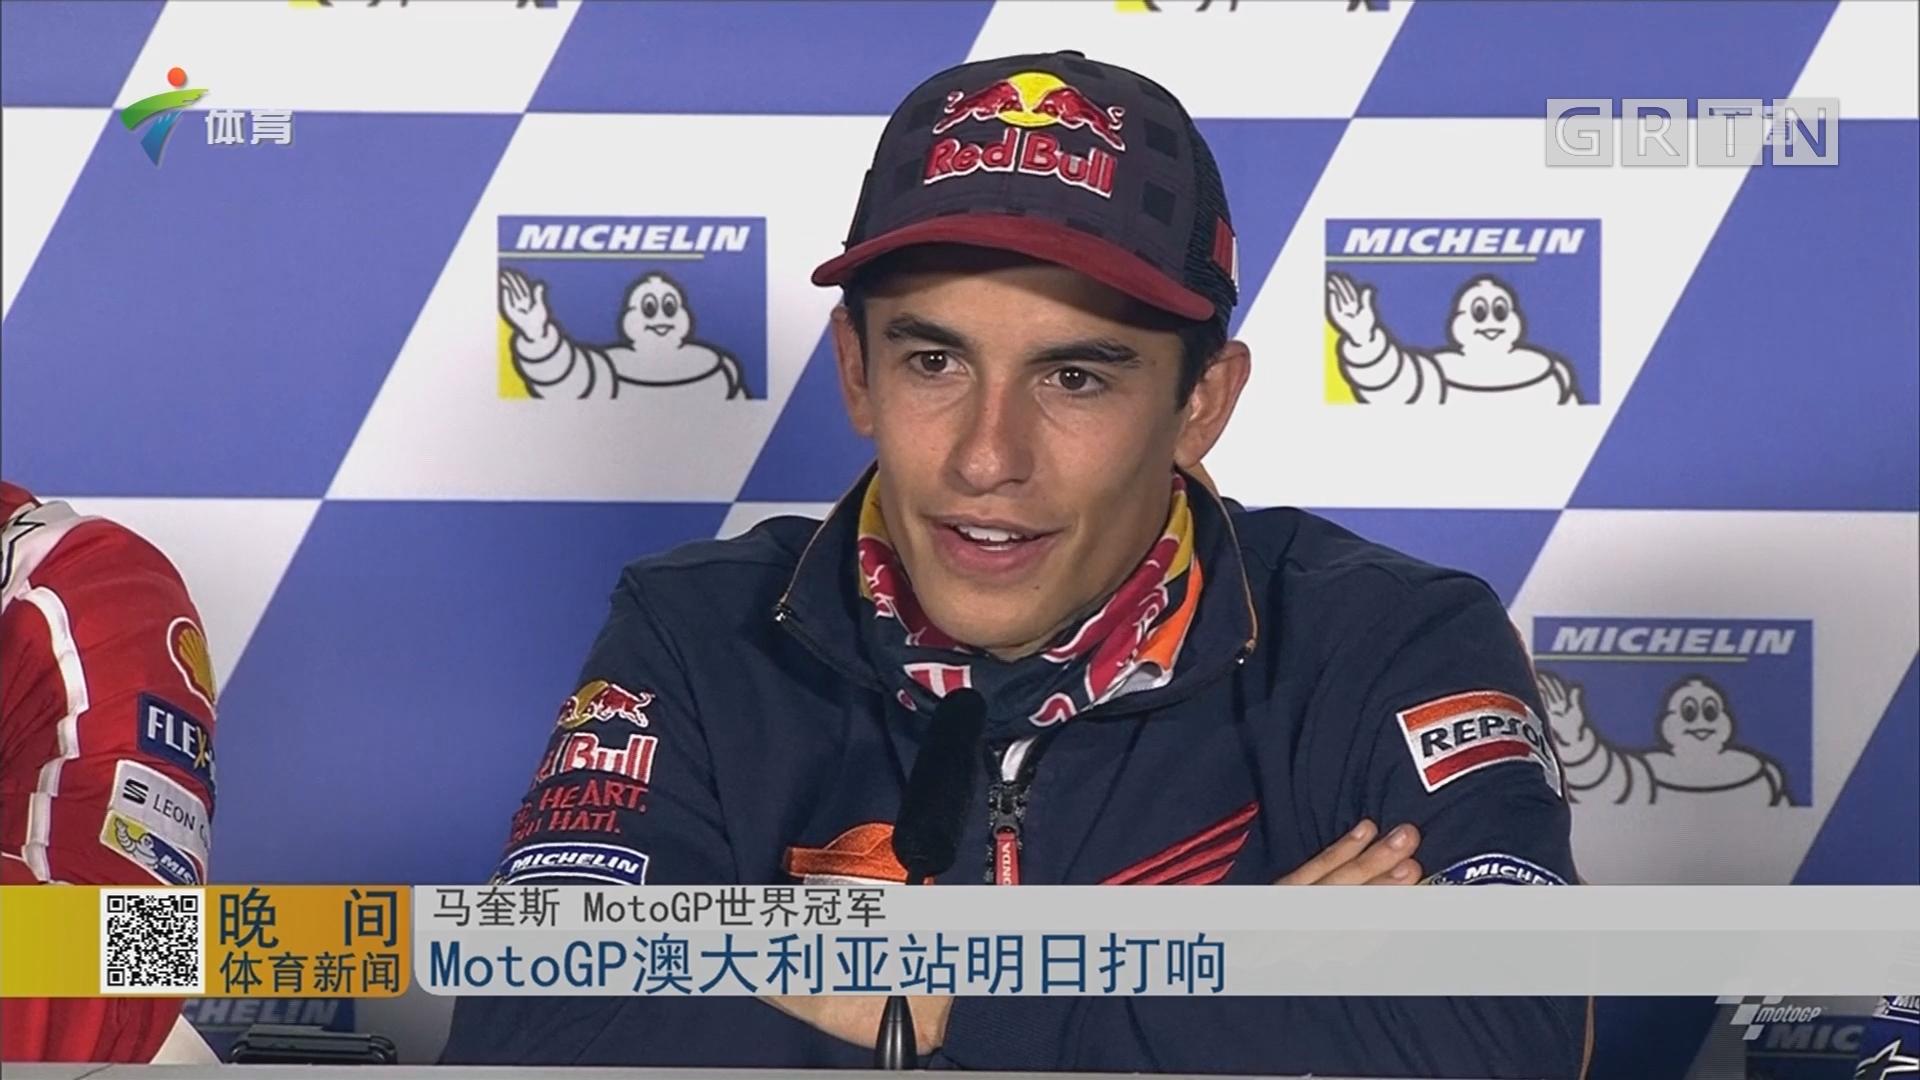 MotoGP澳大利亚站明日打响